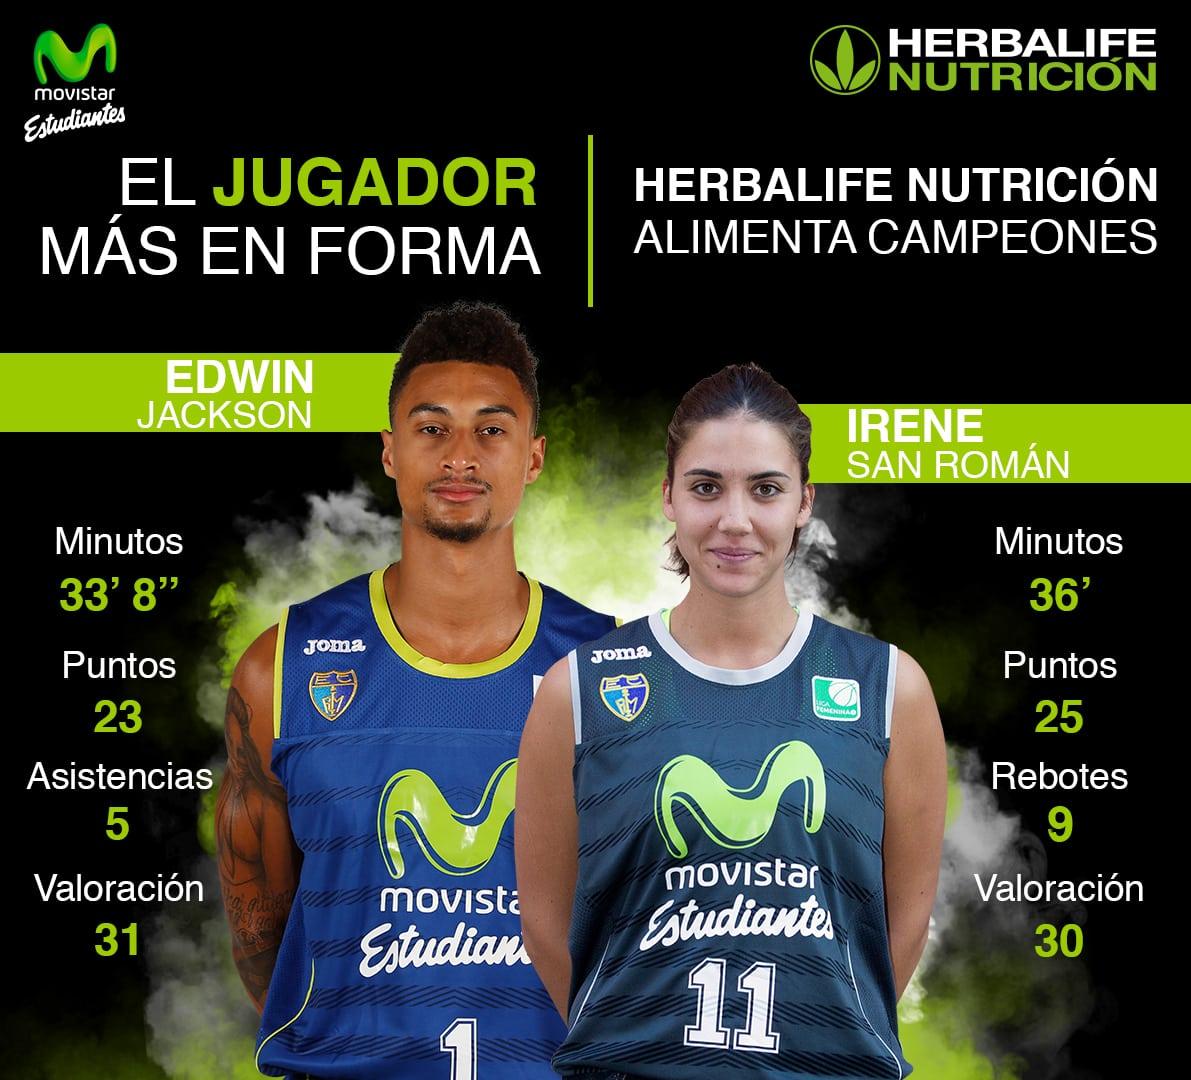 Herbalife presenta a los jugadores más en forma de la jornada: Edwin Jackson e Irene San Román